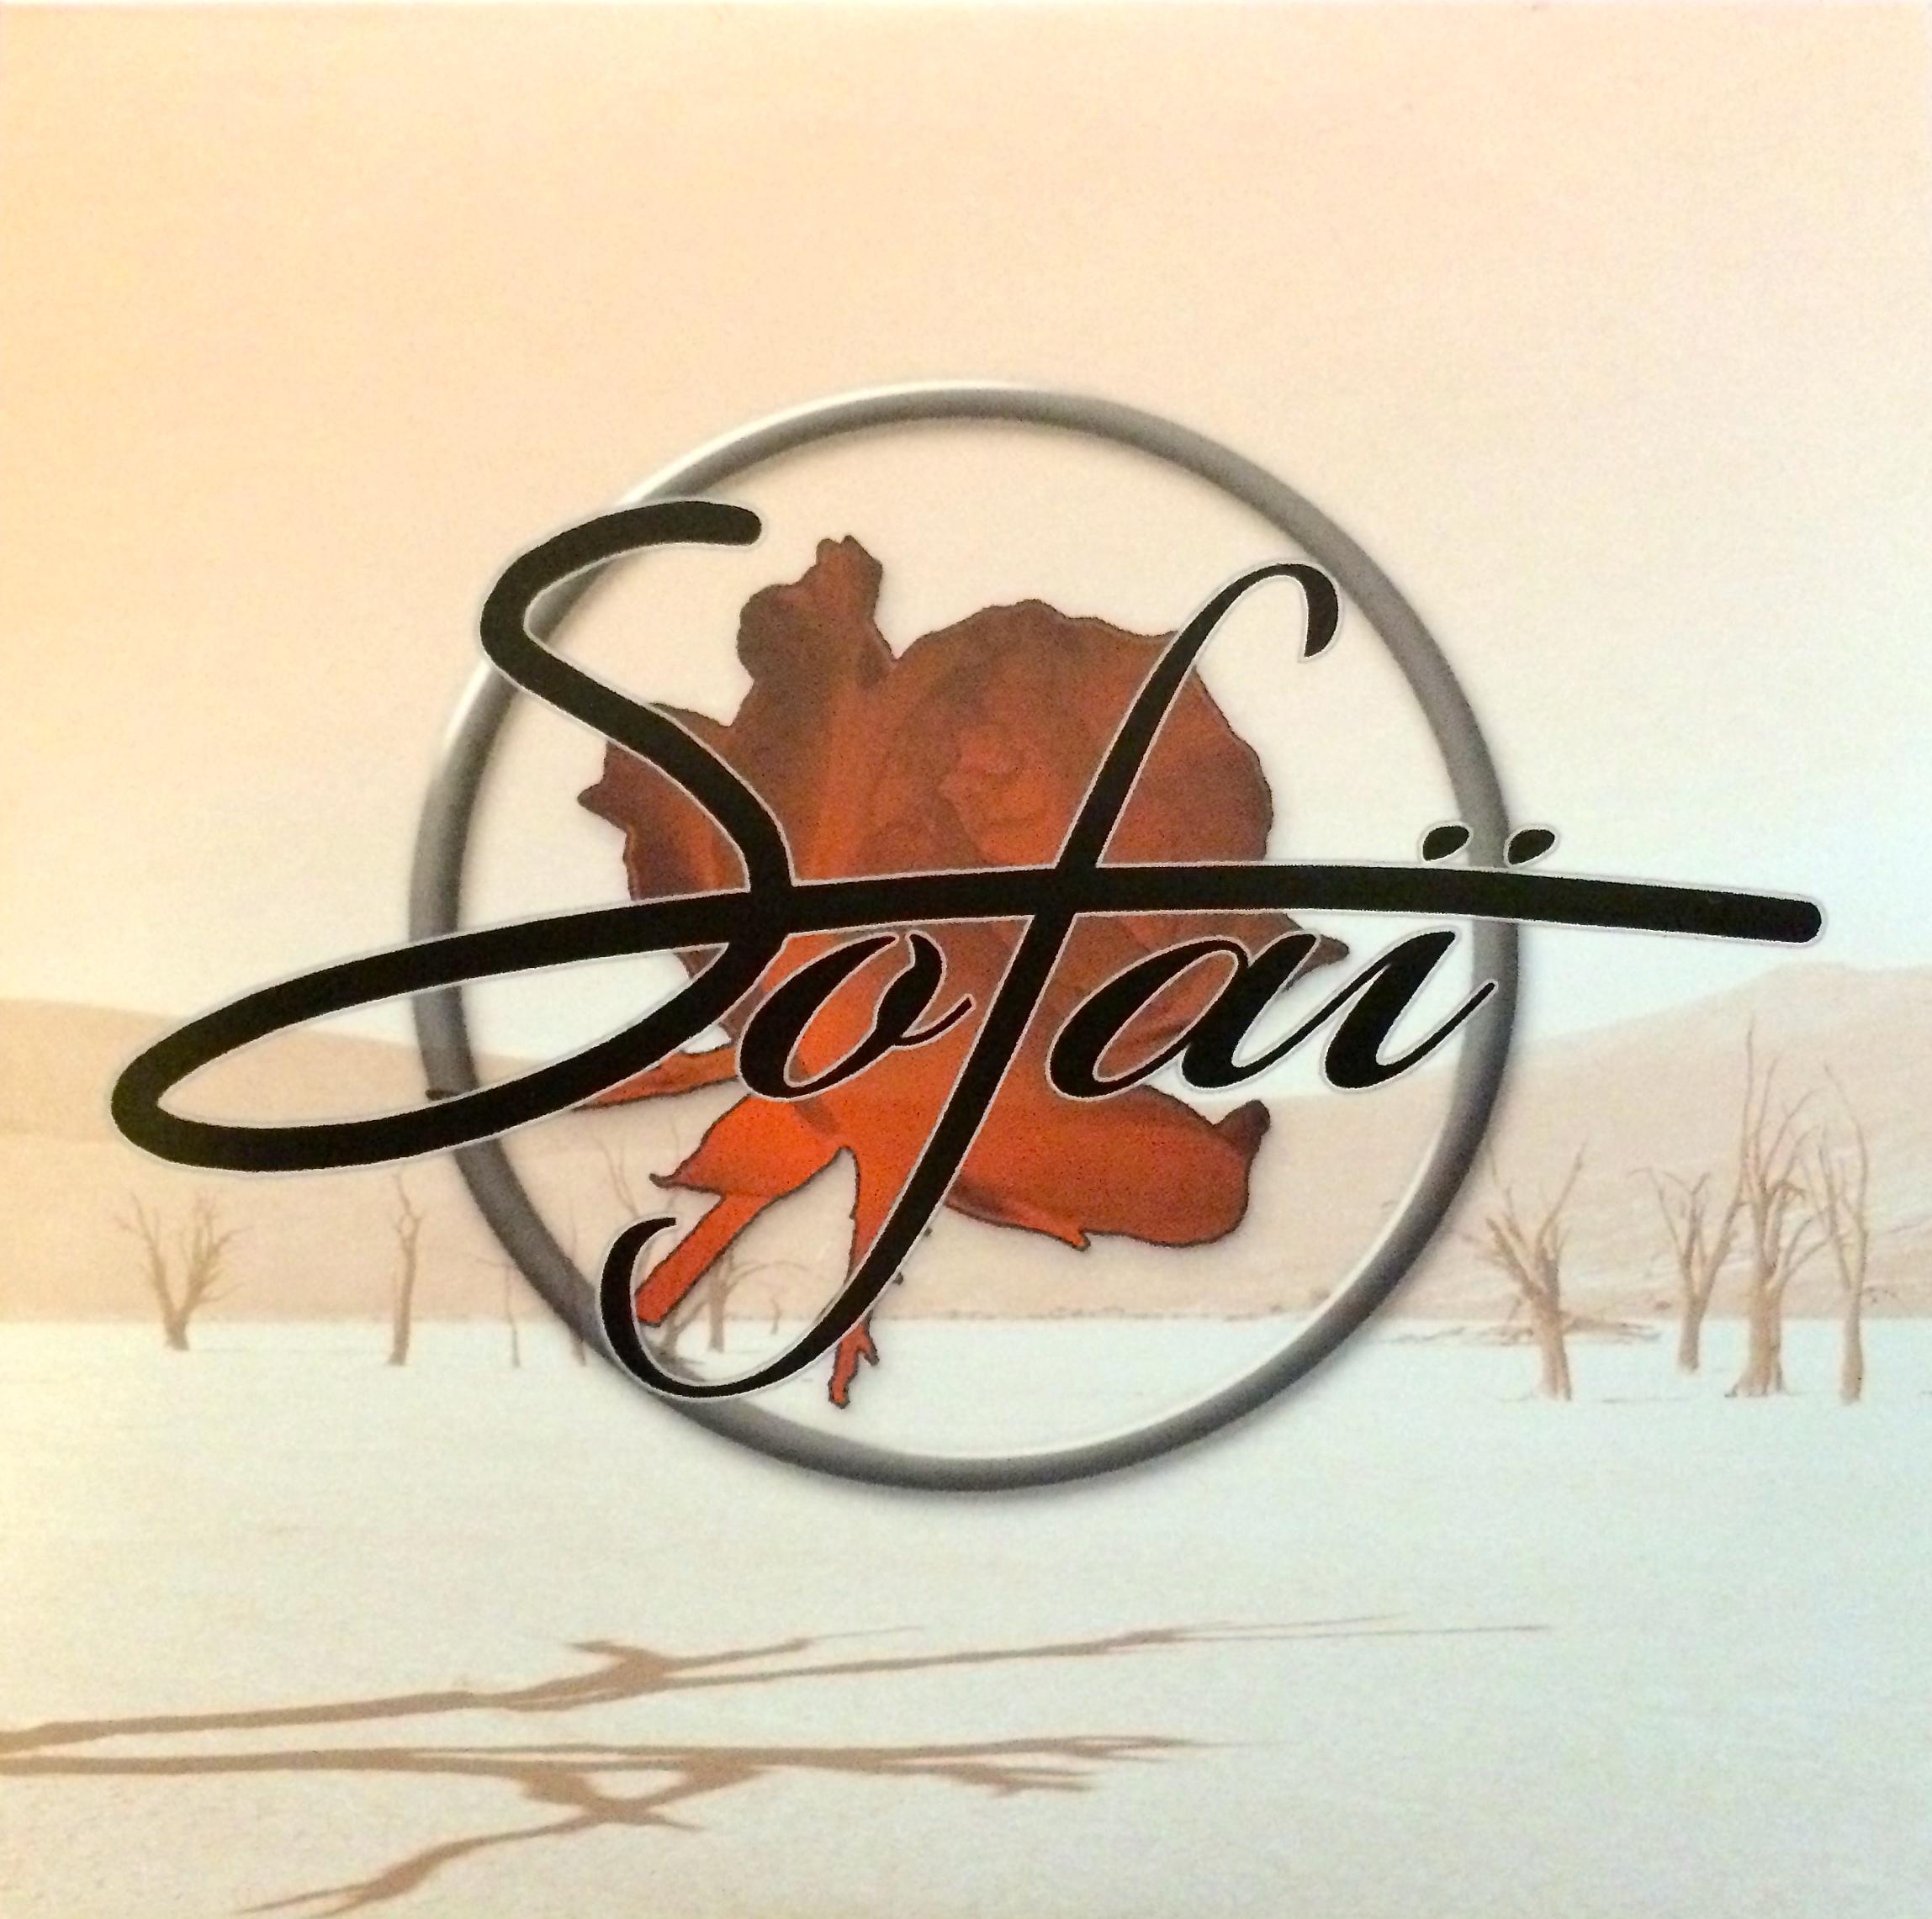 01-Sofaï-EP-2015-Recto.jpg